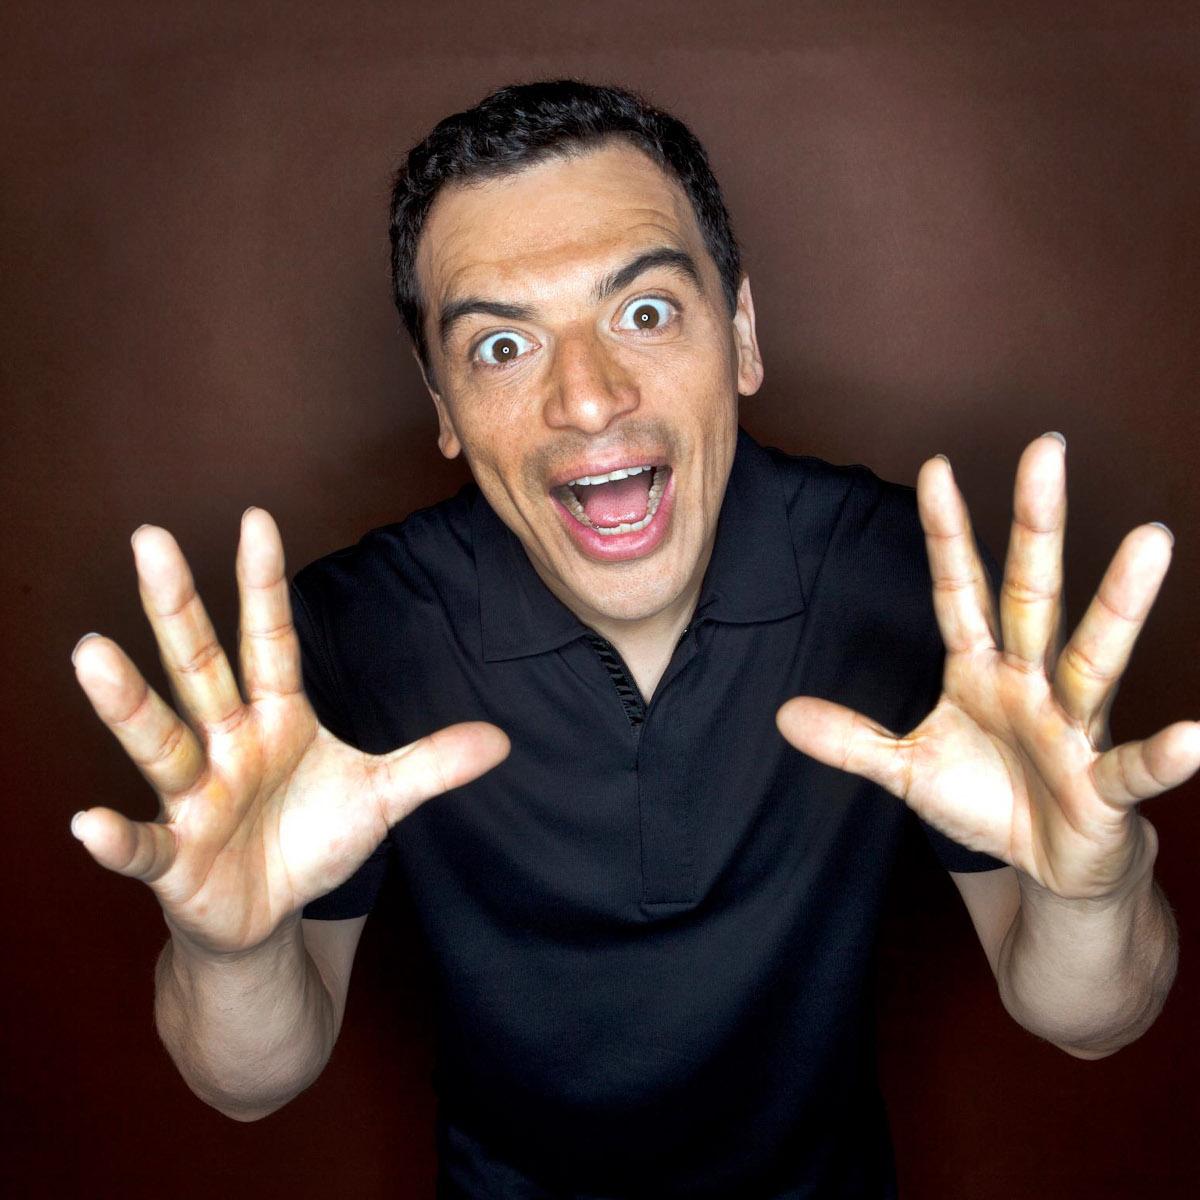 Carlos Mencia, comedian